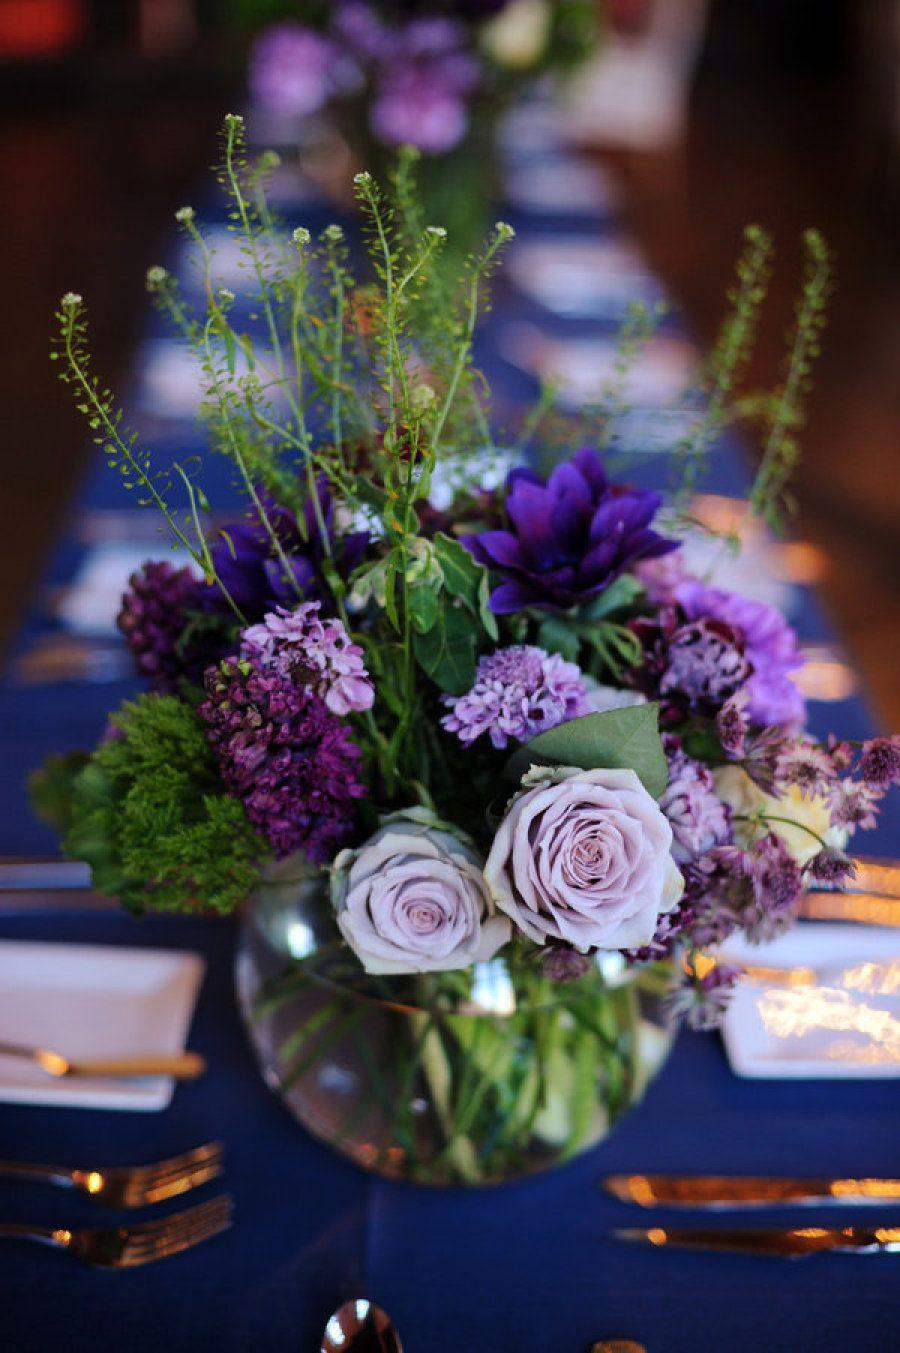 purple flower centerpieces flowers floral low arrangements event table lavender arrangement tall centerpiece york academy planning brilliant garden medicine roses